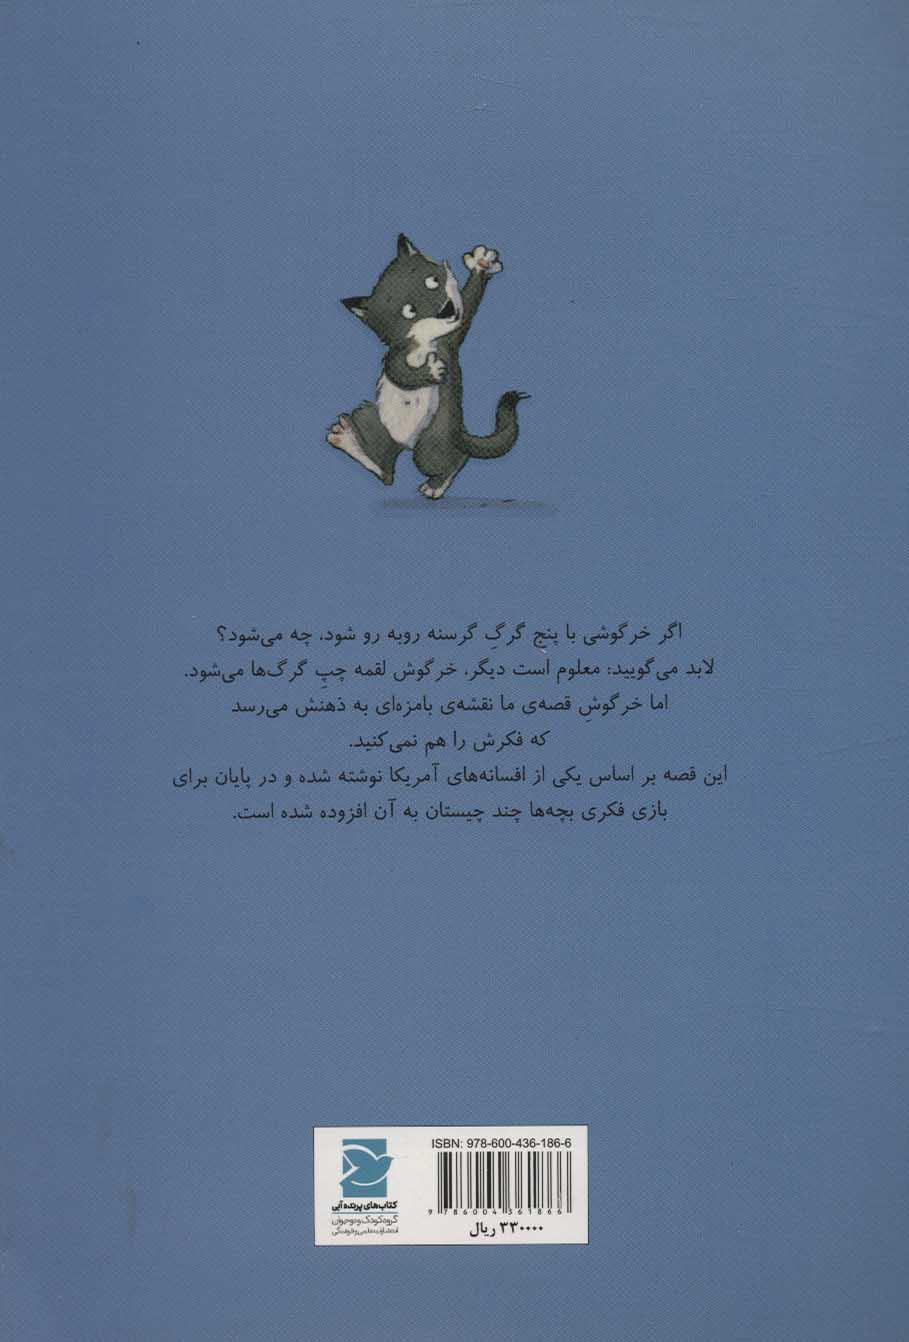 خرگوش باهوش و گرگ ها (قصه های روزی روزگاری گرگی 1)،(گلاسه)